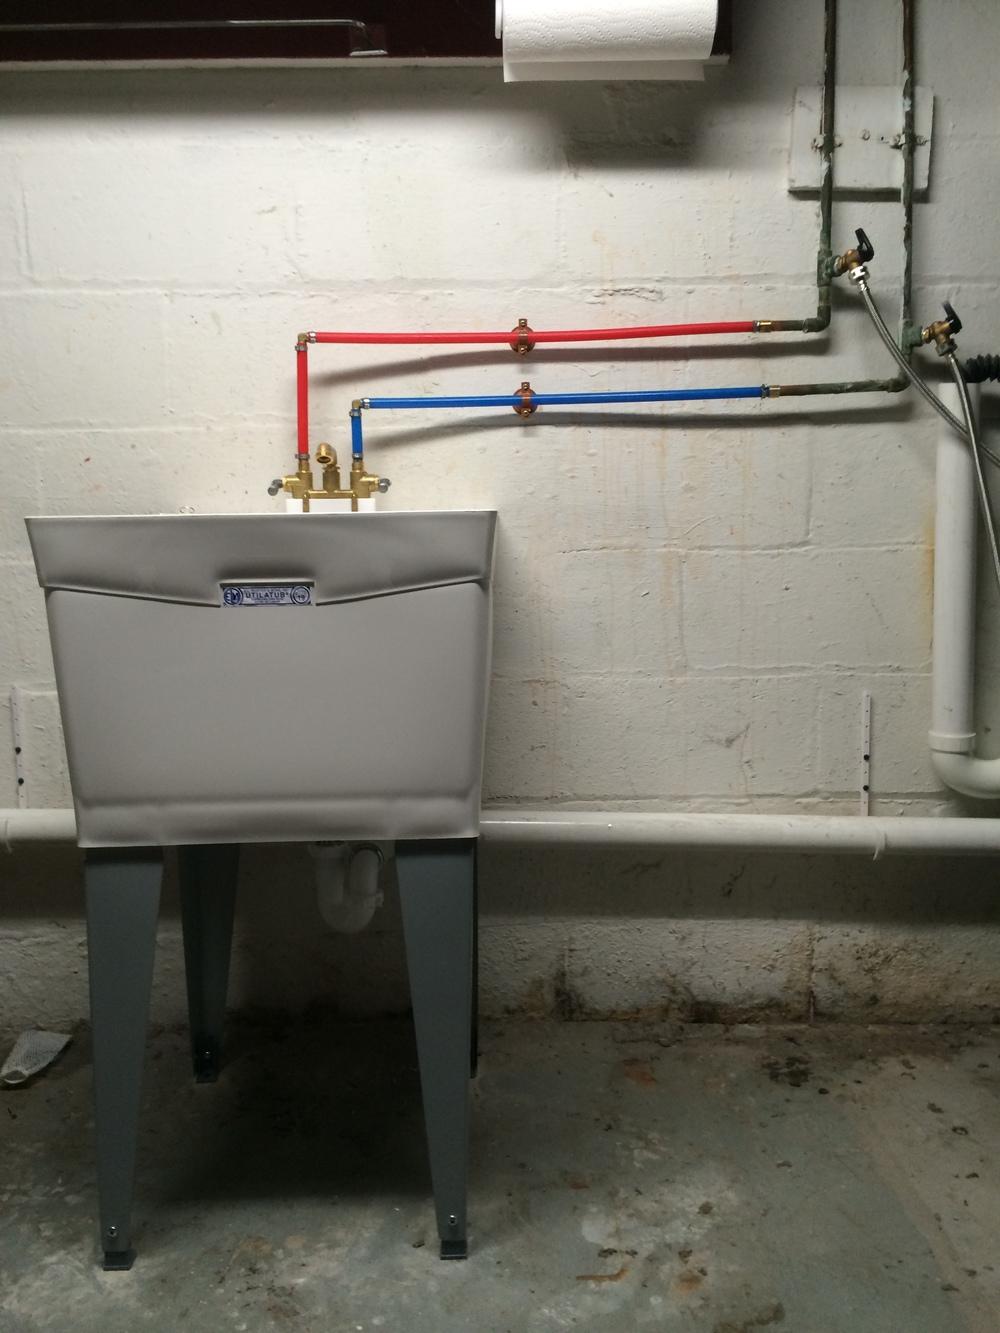 Laundry tub install